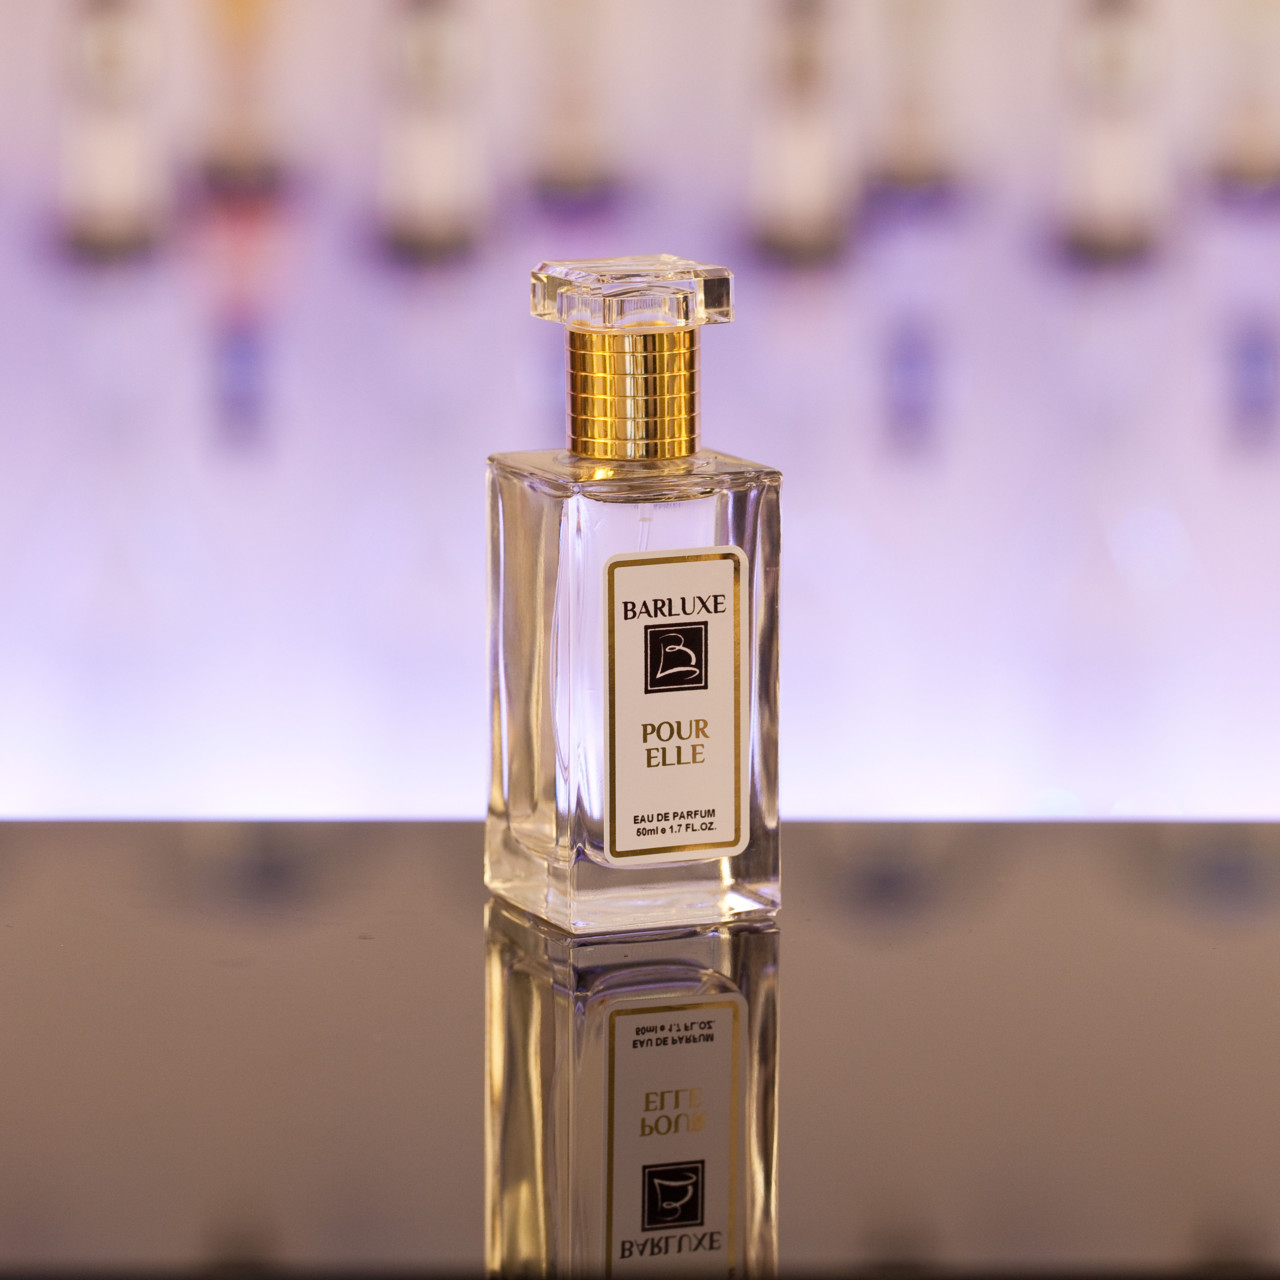 damen-parfum-dupe-double-duft-duftzwilling-pour-elle-2